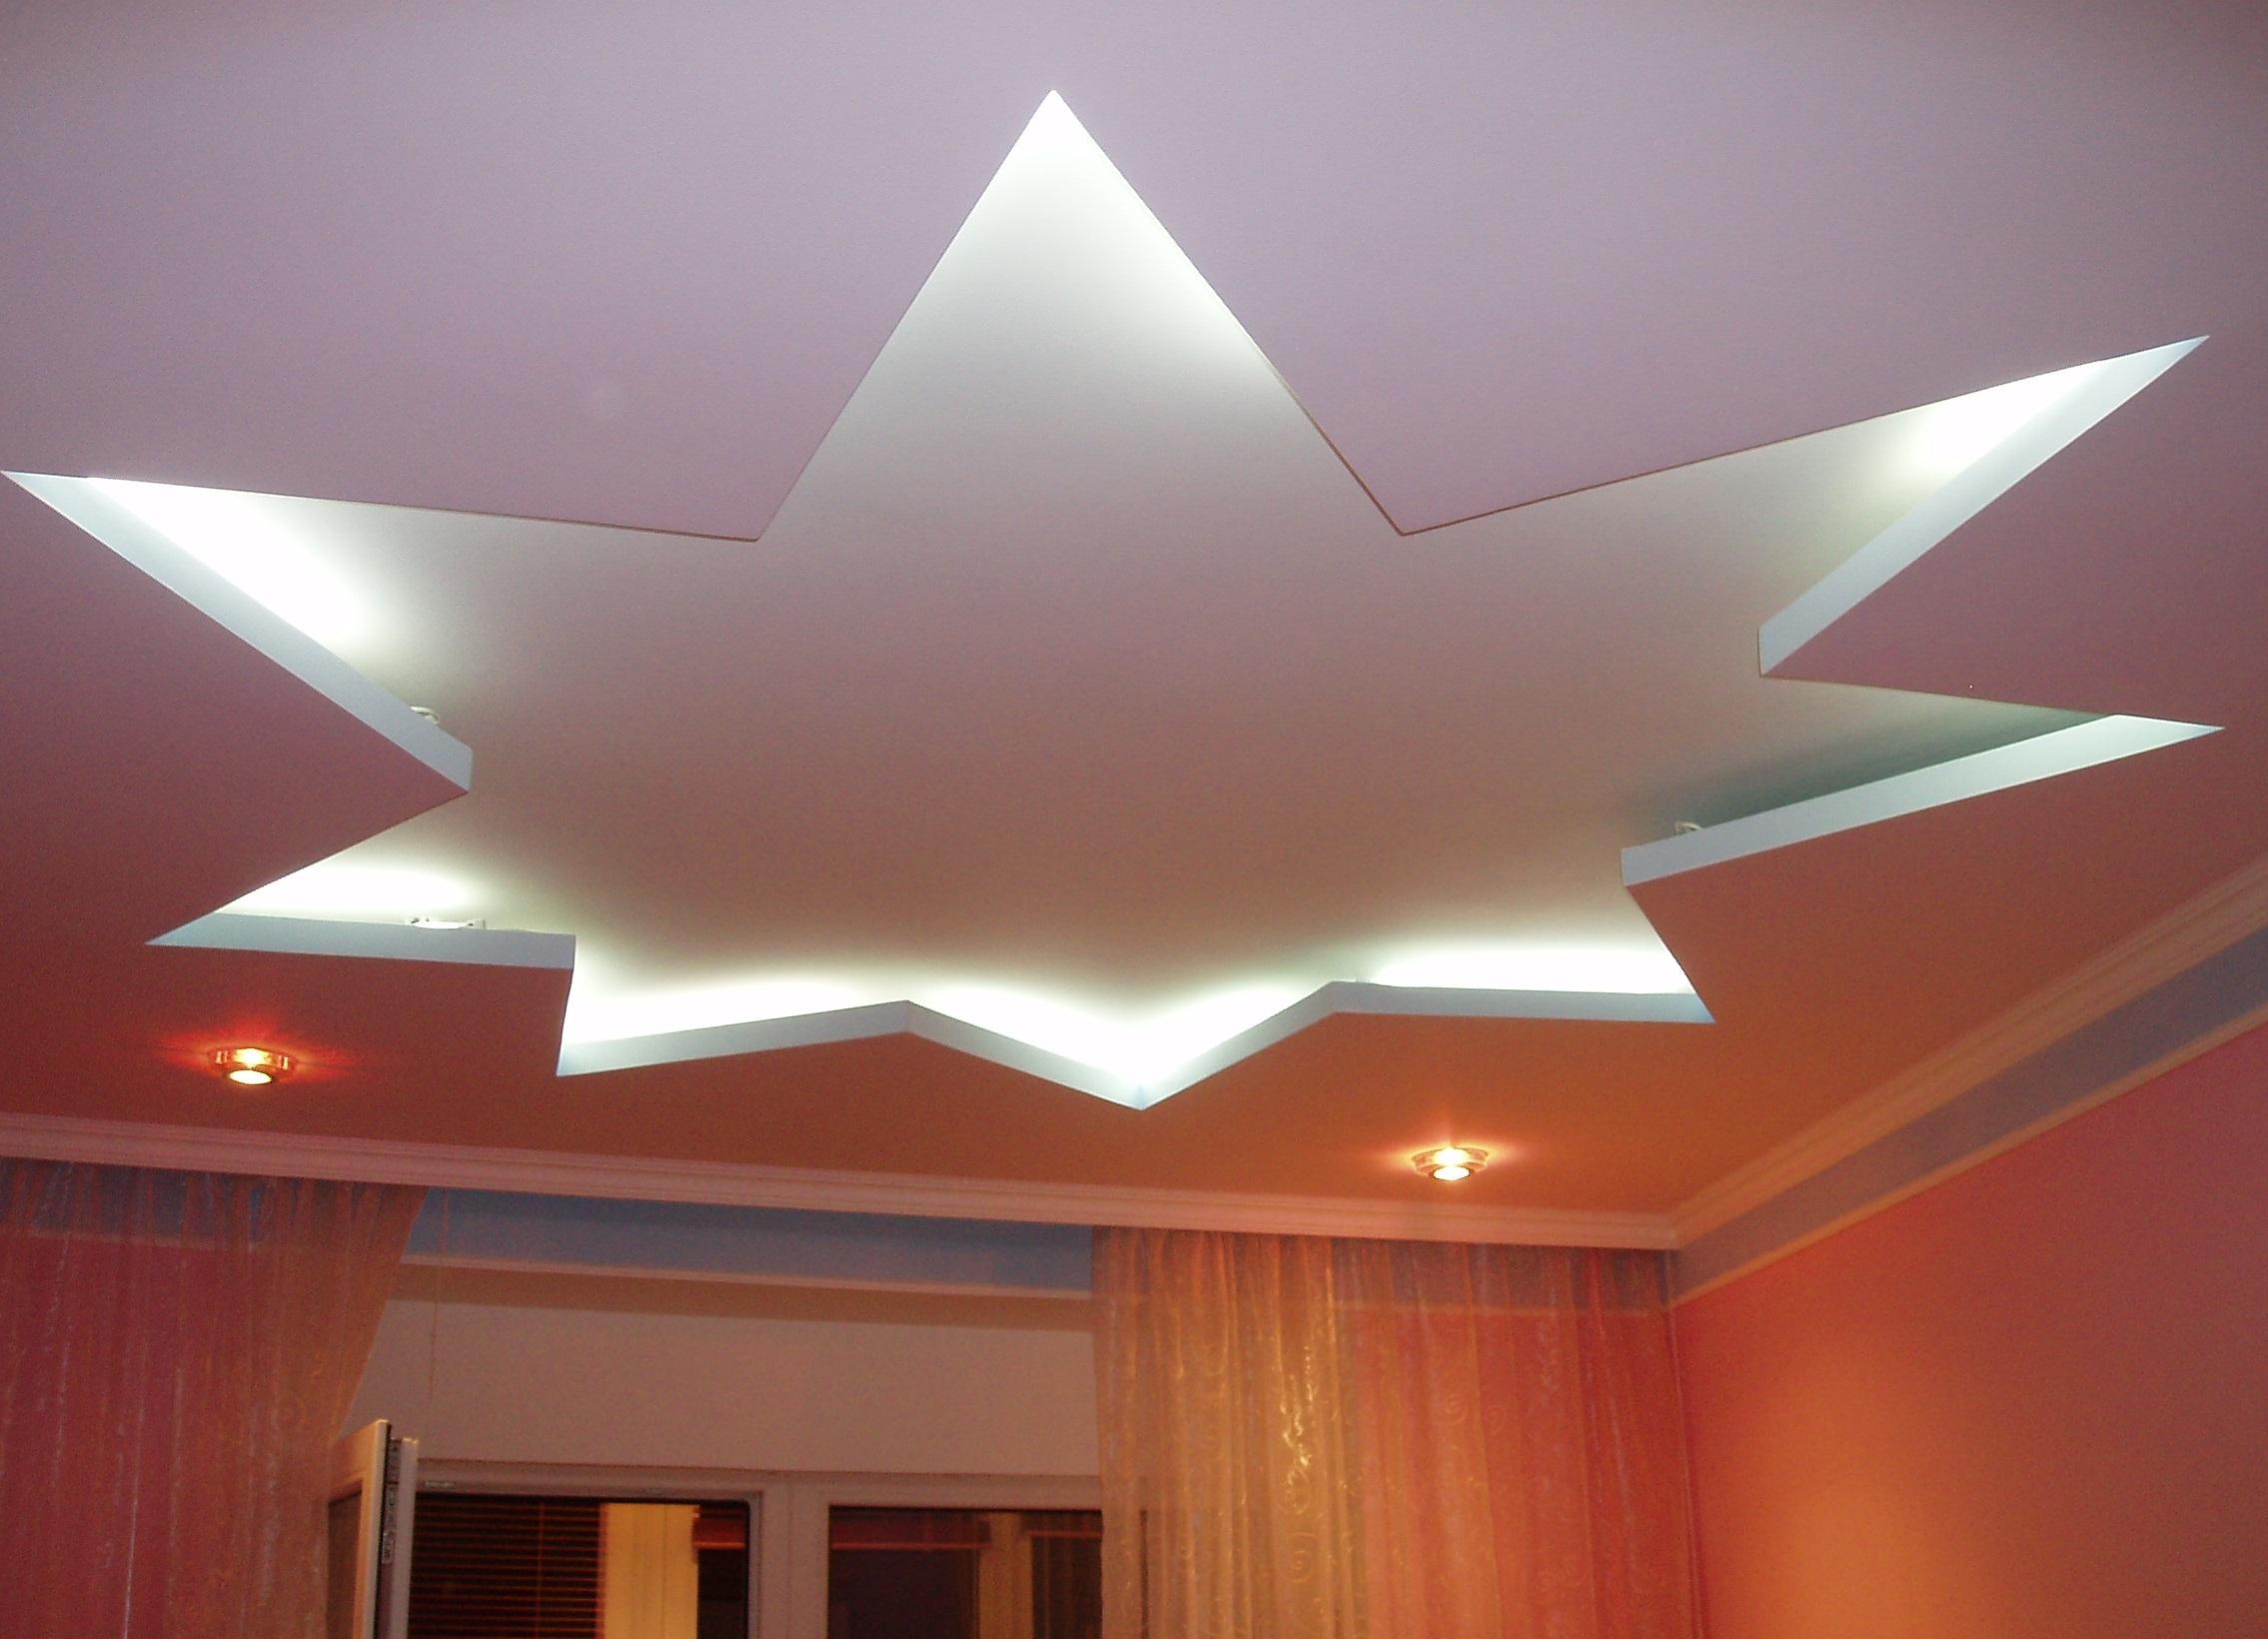 примеры подвесных потолков фото дождливых осенних